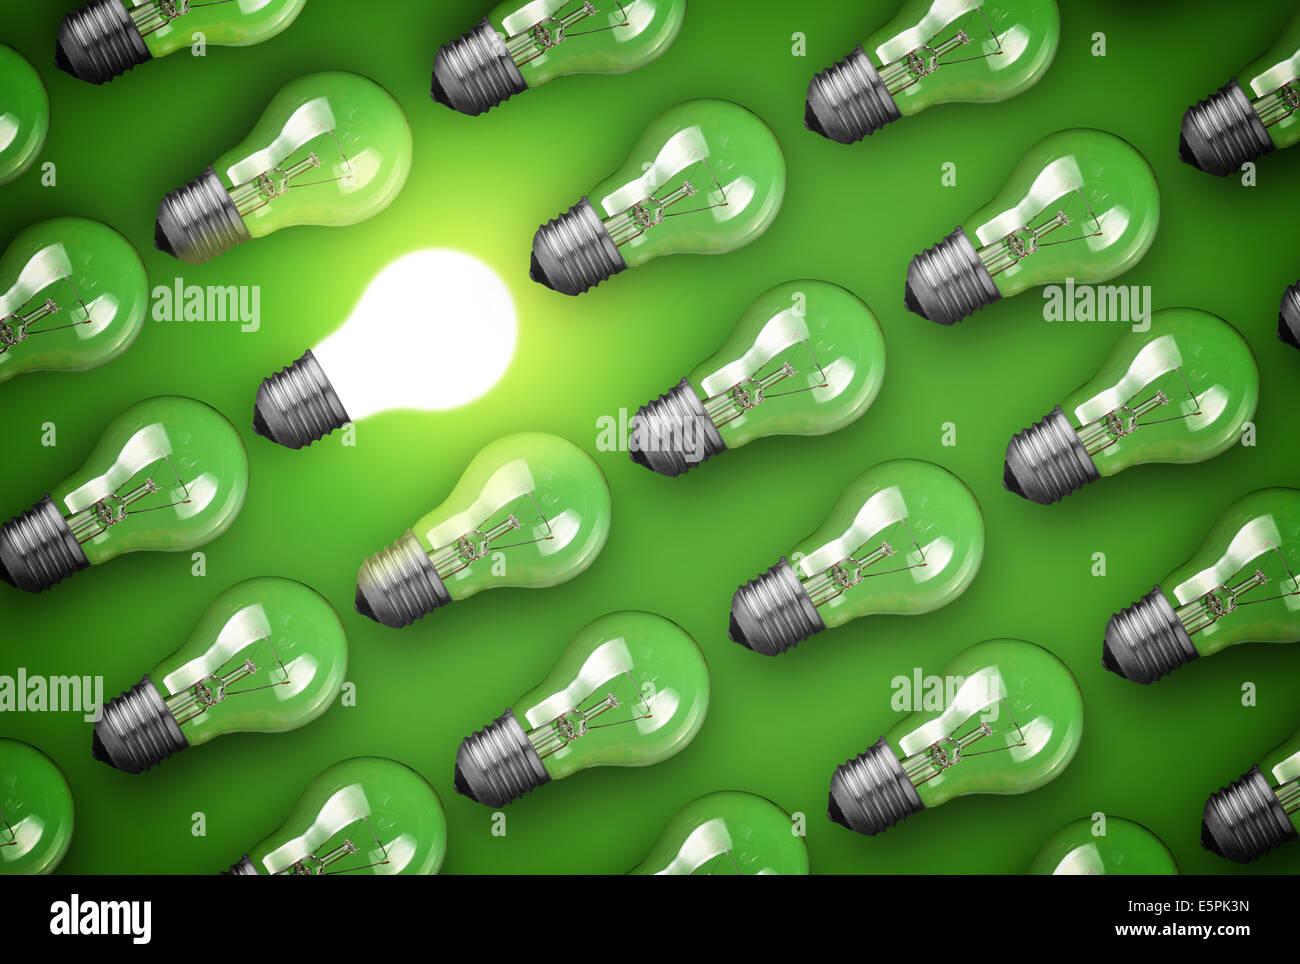 Idea concepto con bombillas en verde Imagen De Stock